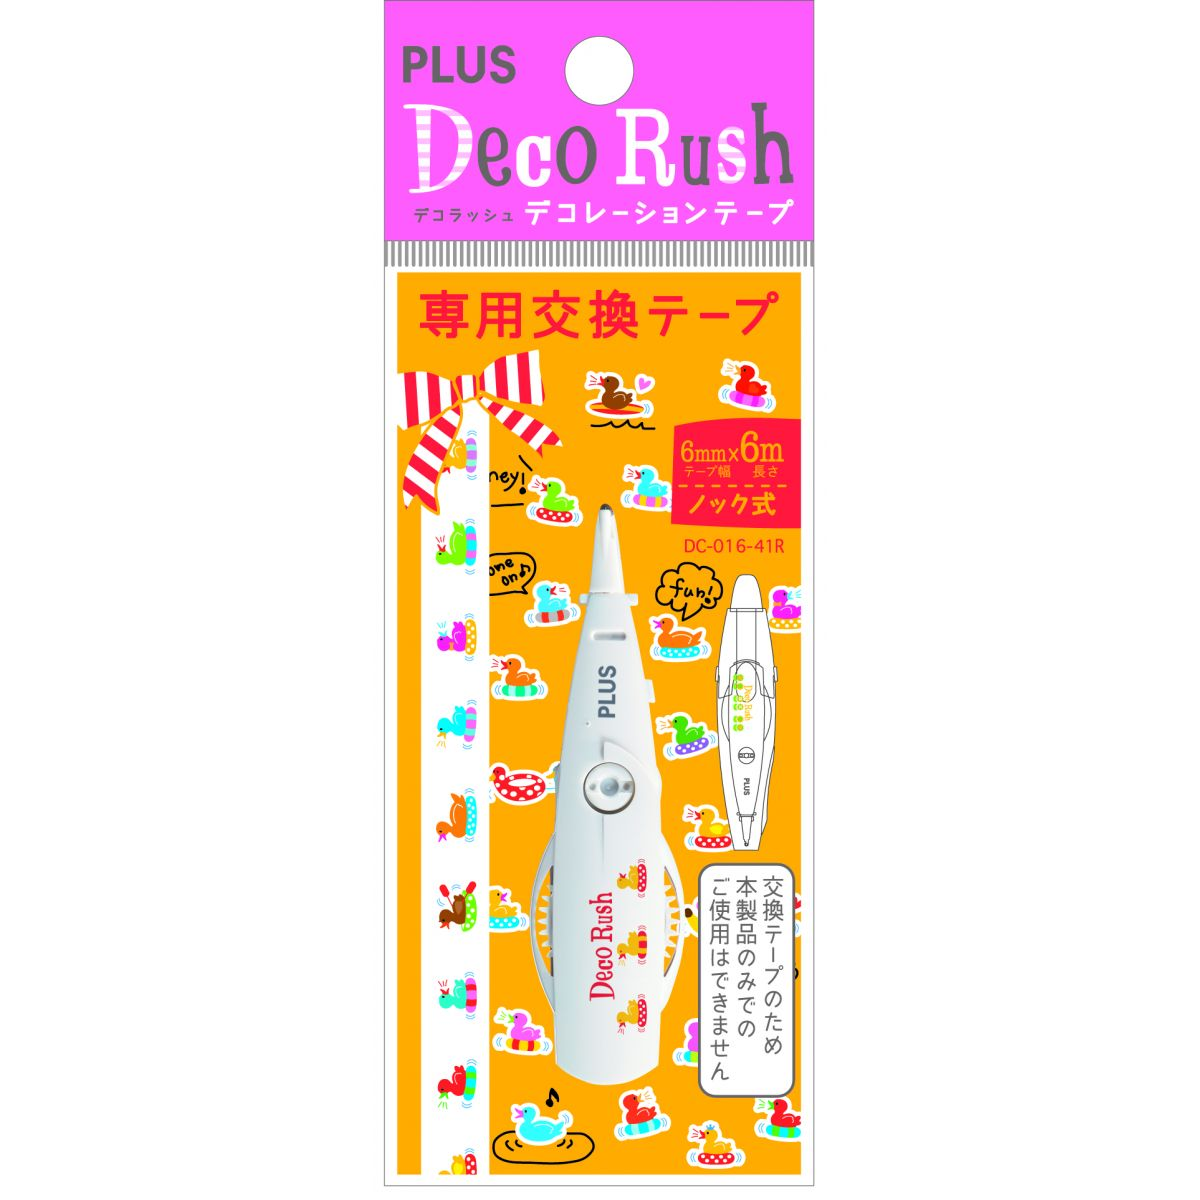 Refil - Fita Decorativa -  Deco Rush -  Patos - PLUS